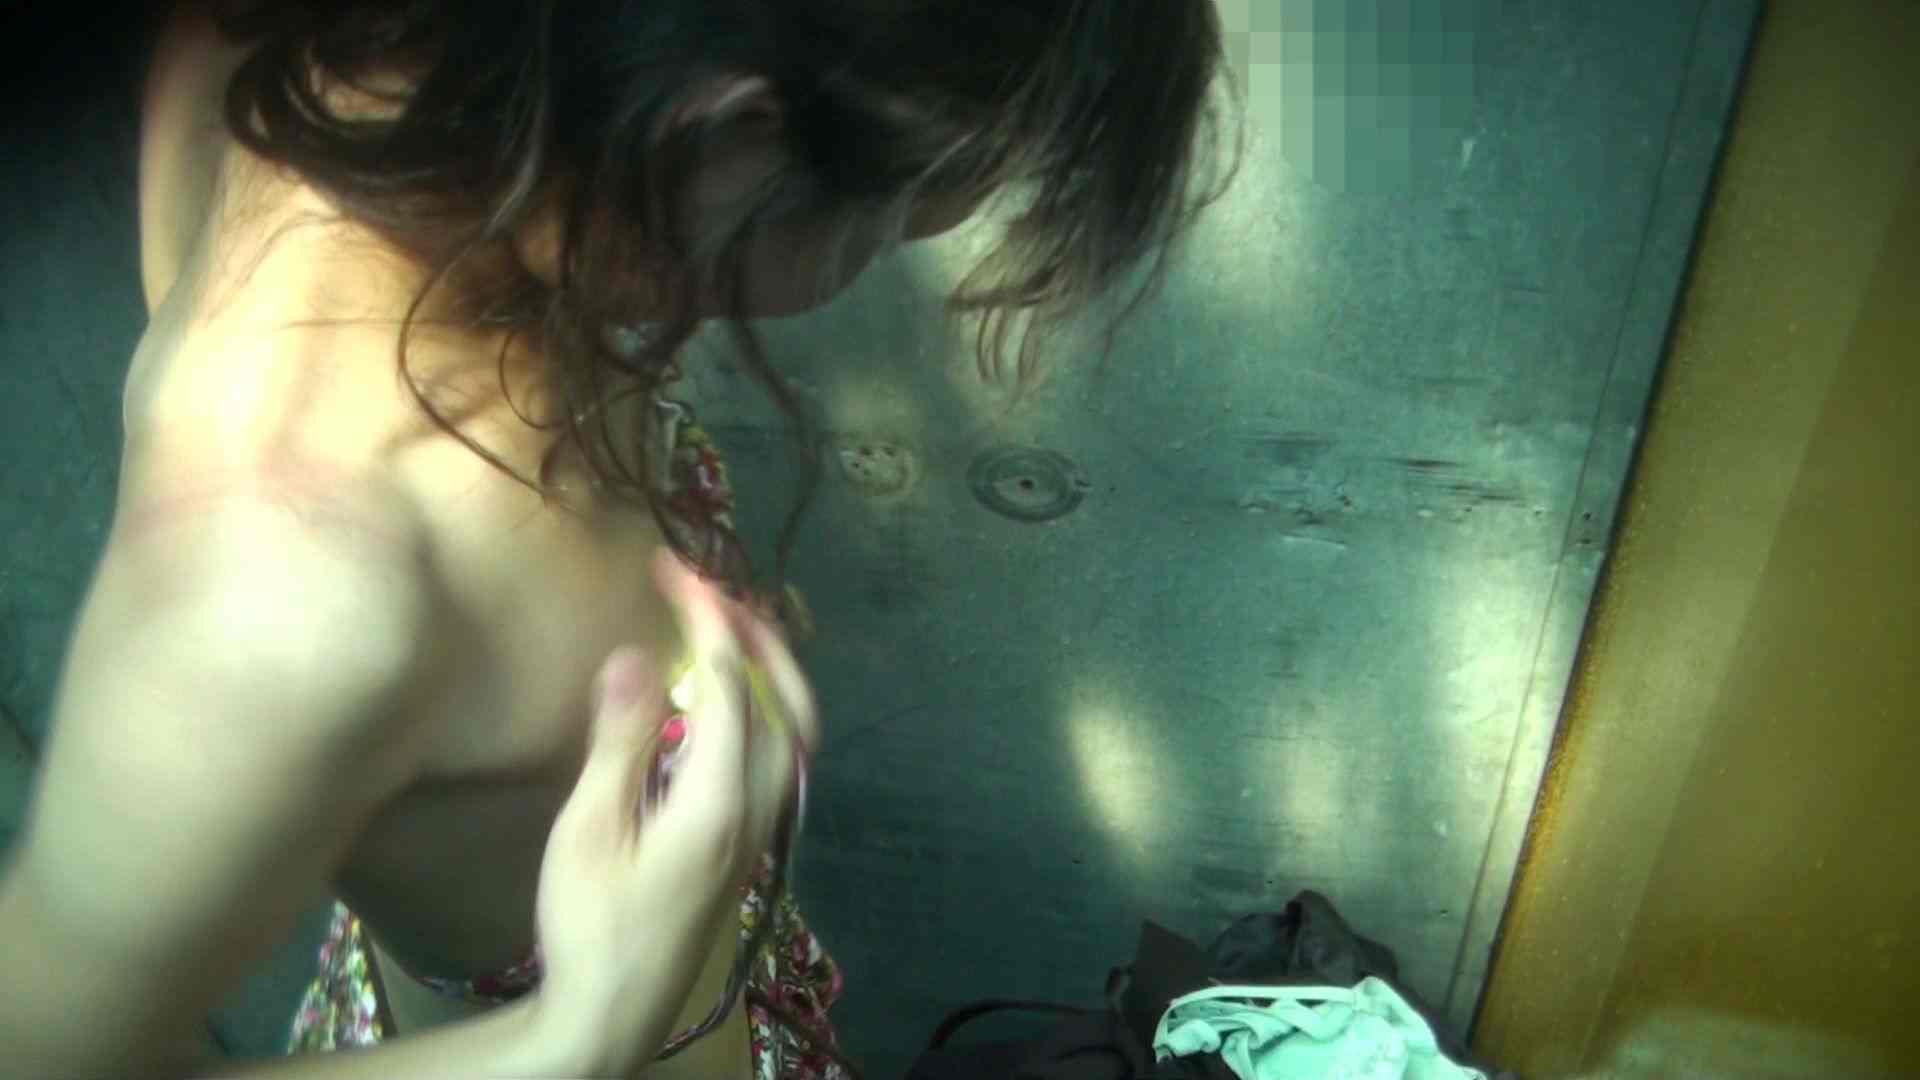 シャワールームは超!!危険な香りVol.16 意外に乳首は年増のそれ 高画質 のぞき濡れ場動画紹介 61pic 11